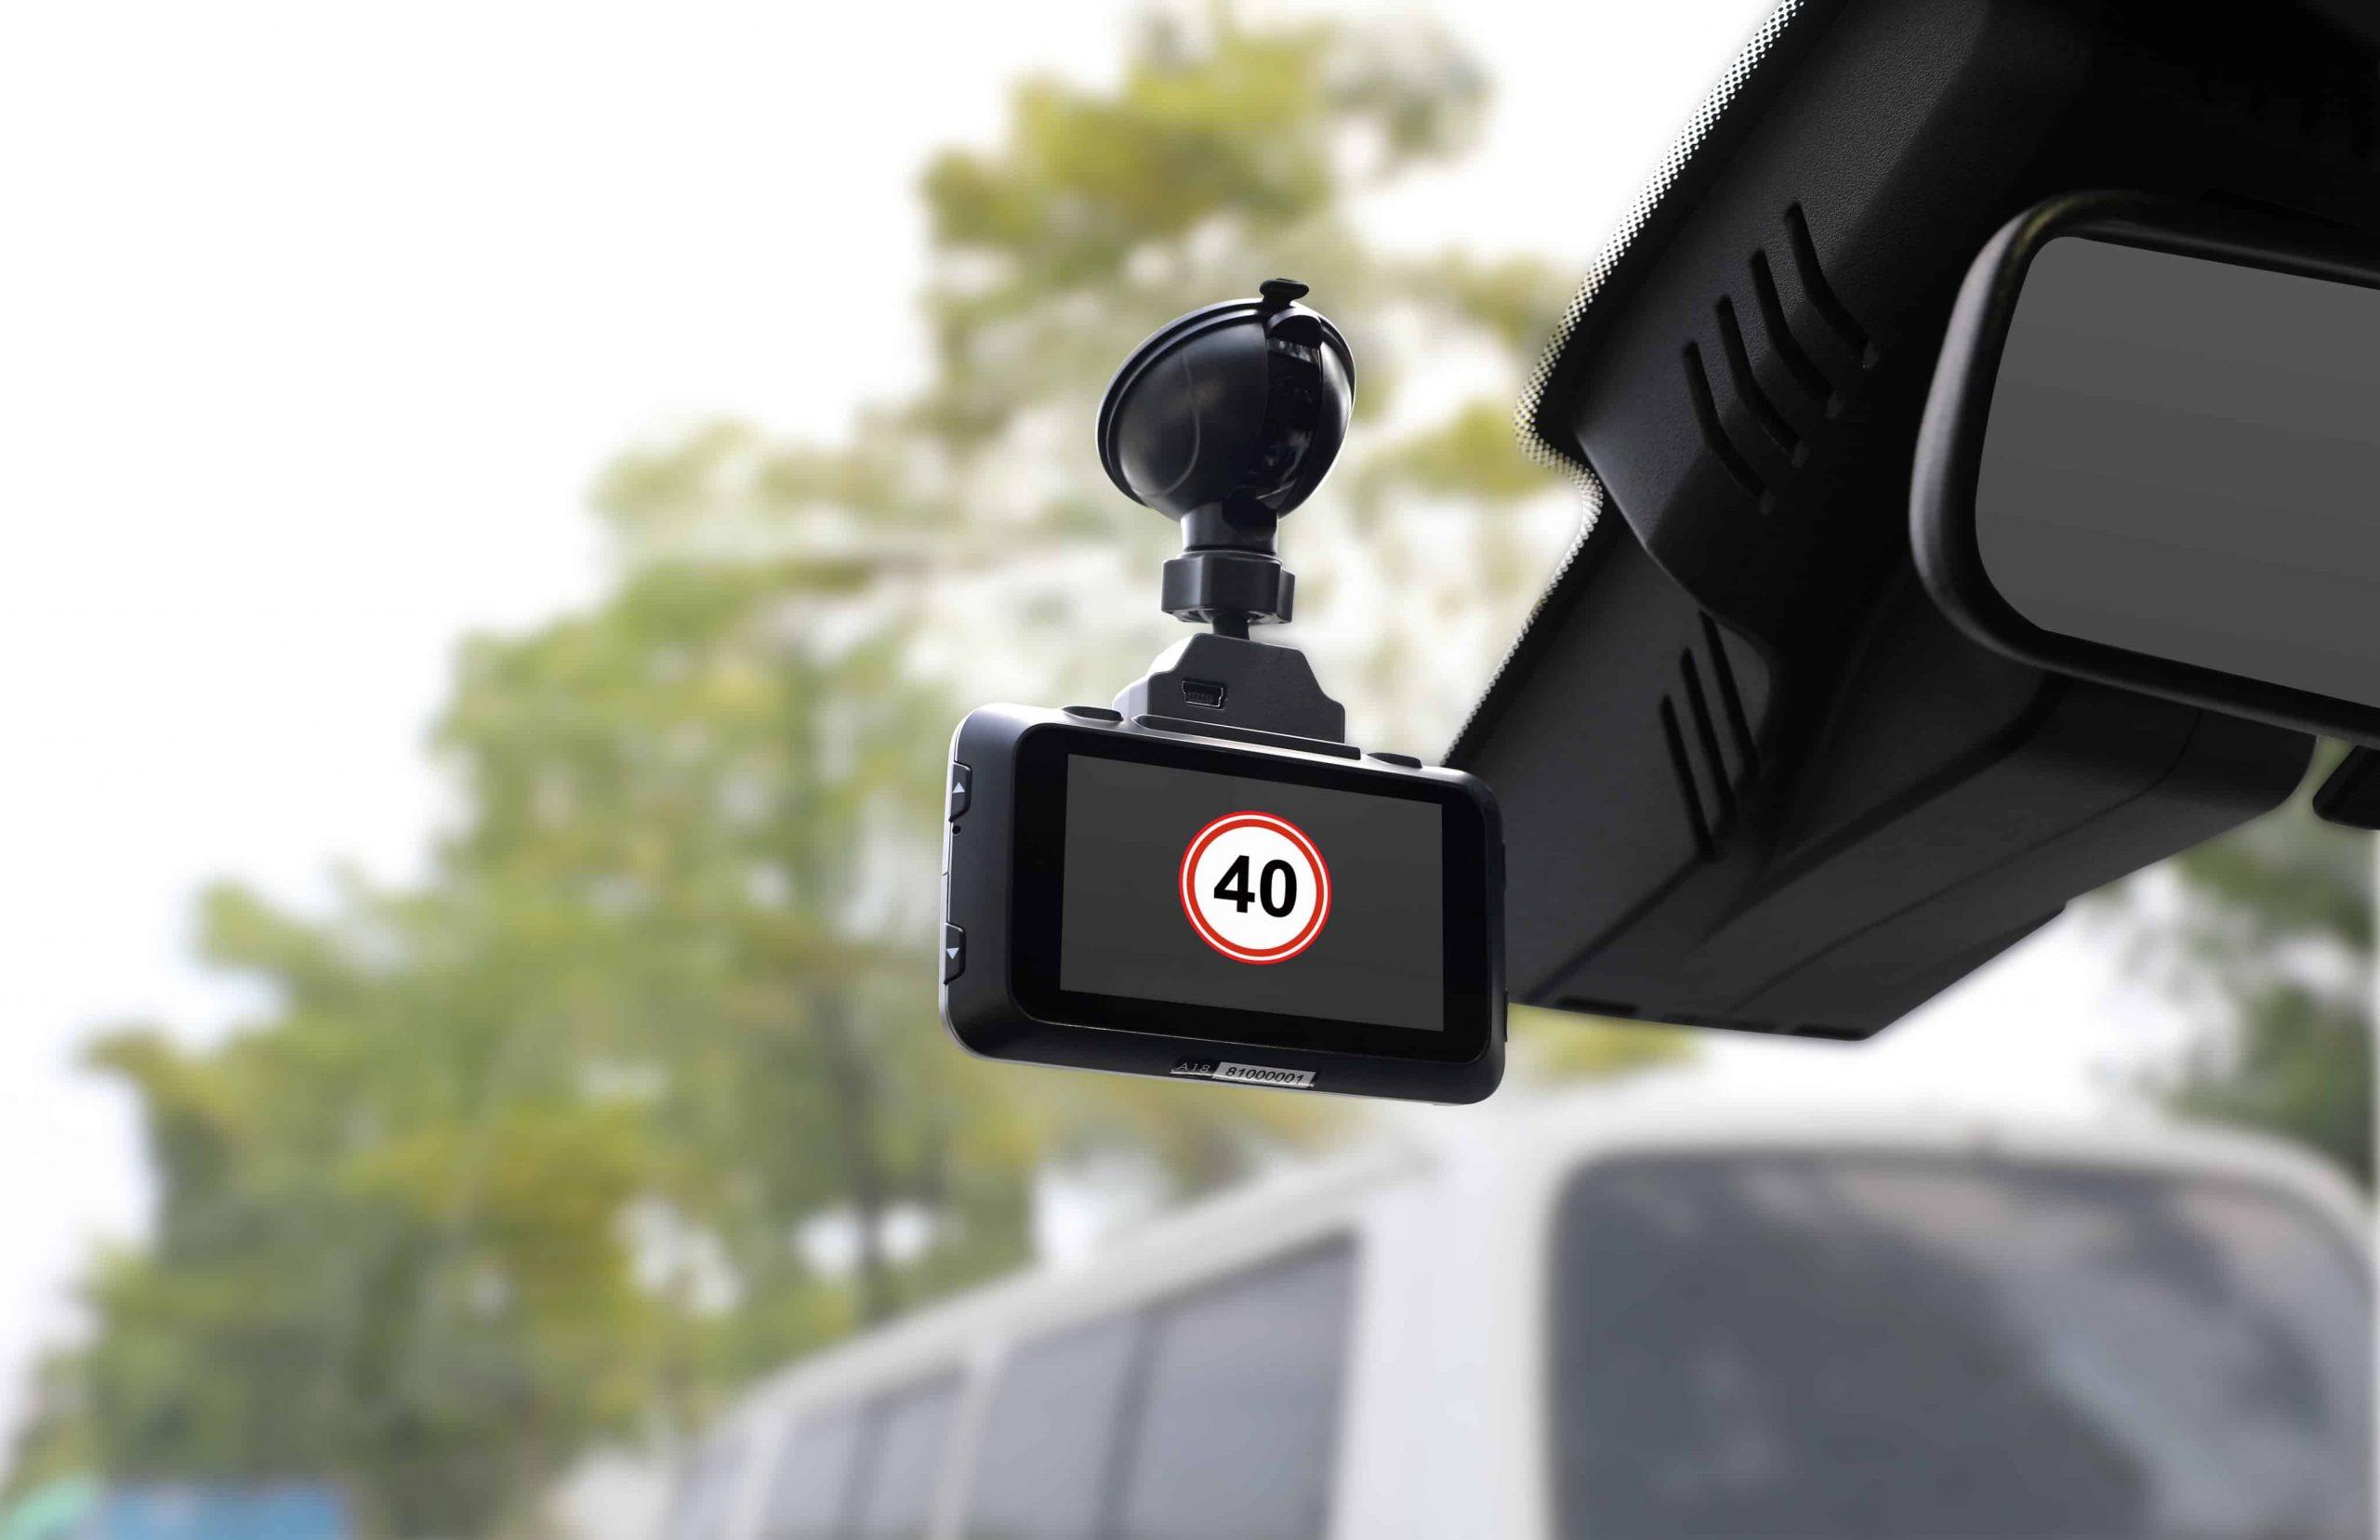 tích hợp công nghệ Ai - Phát hiển biển báo tốc độ trong webvision a18